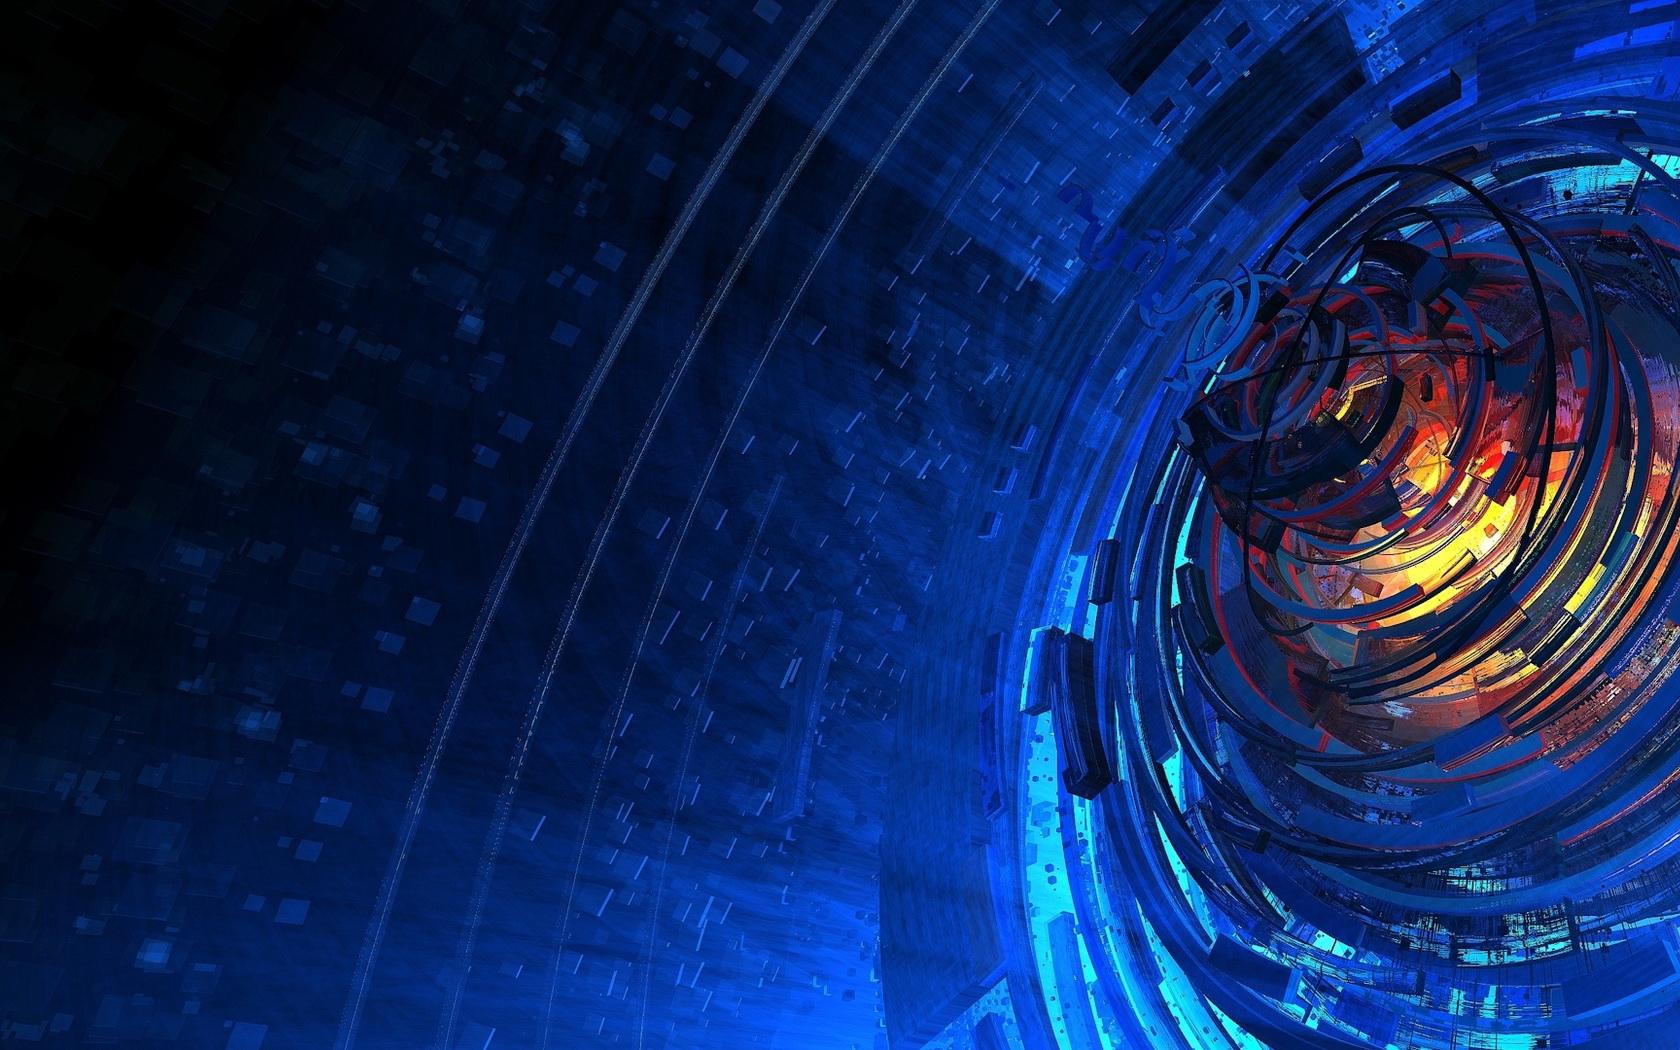 Bleu Fond d'écran and Arrière-Plan | 1680x1050 | ID:351410 - Wallpaper Abyss